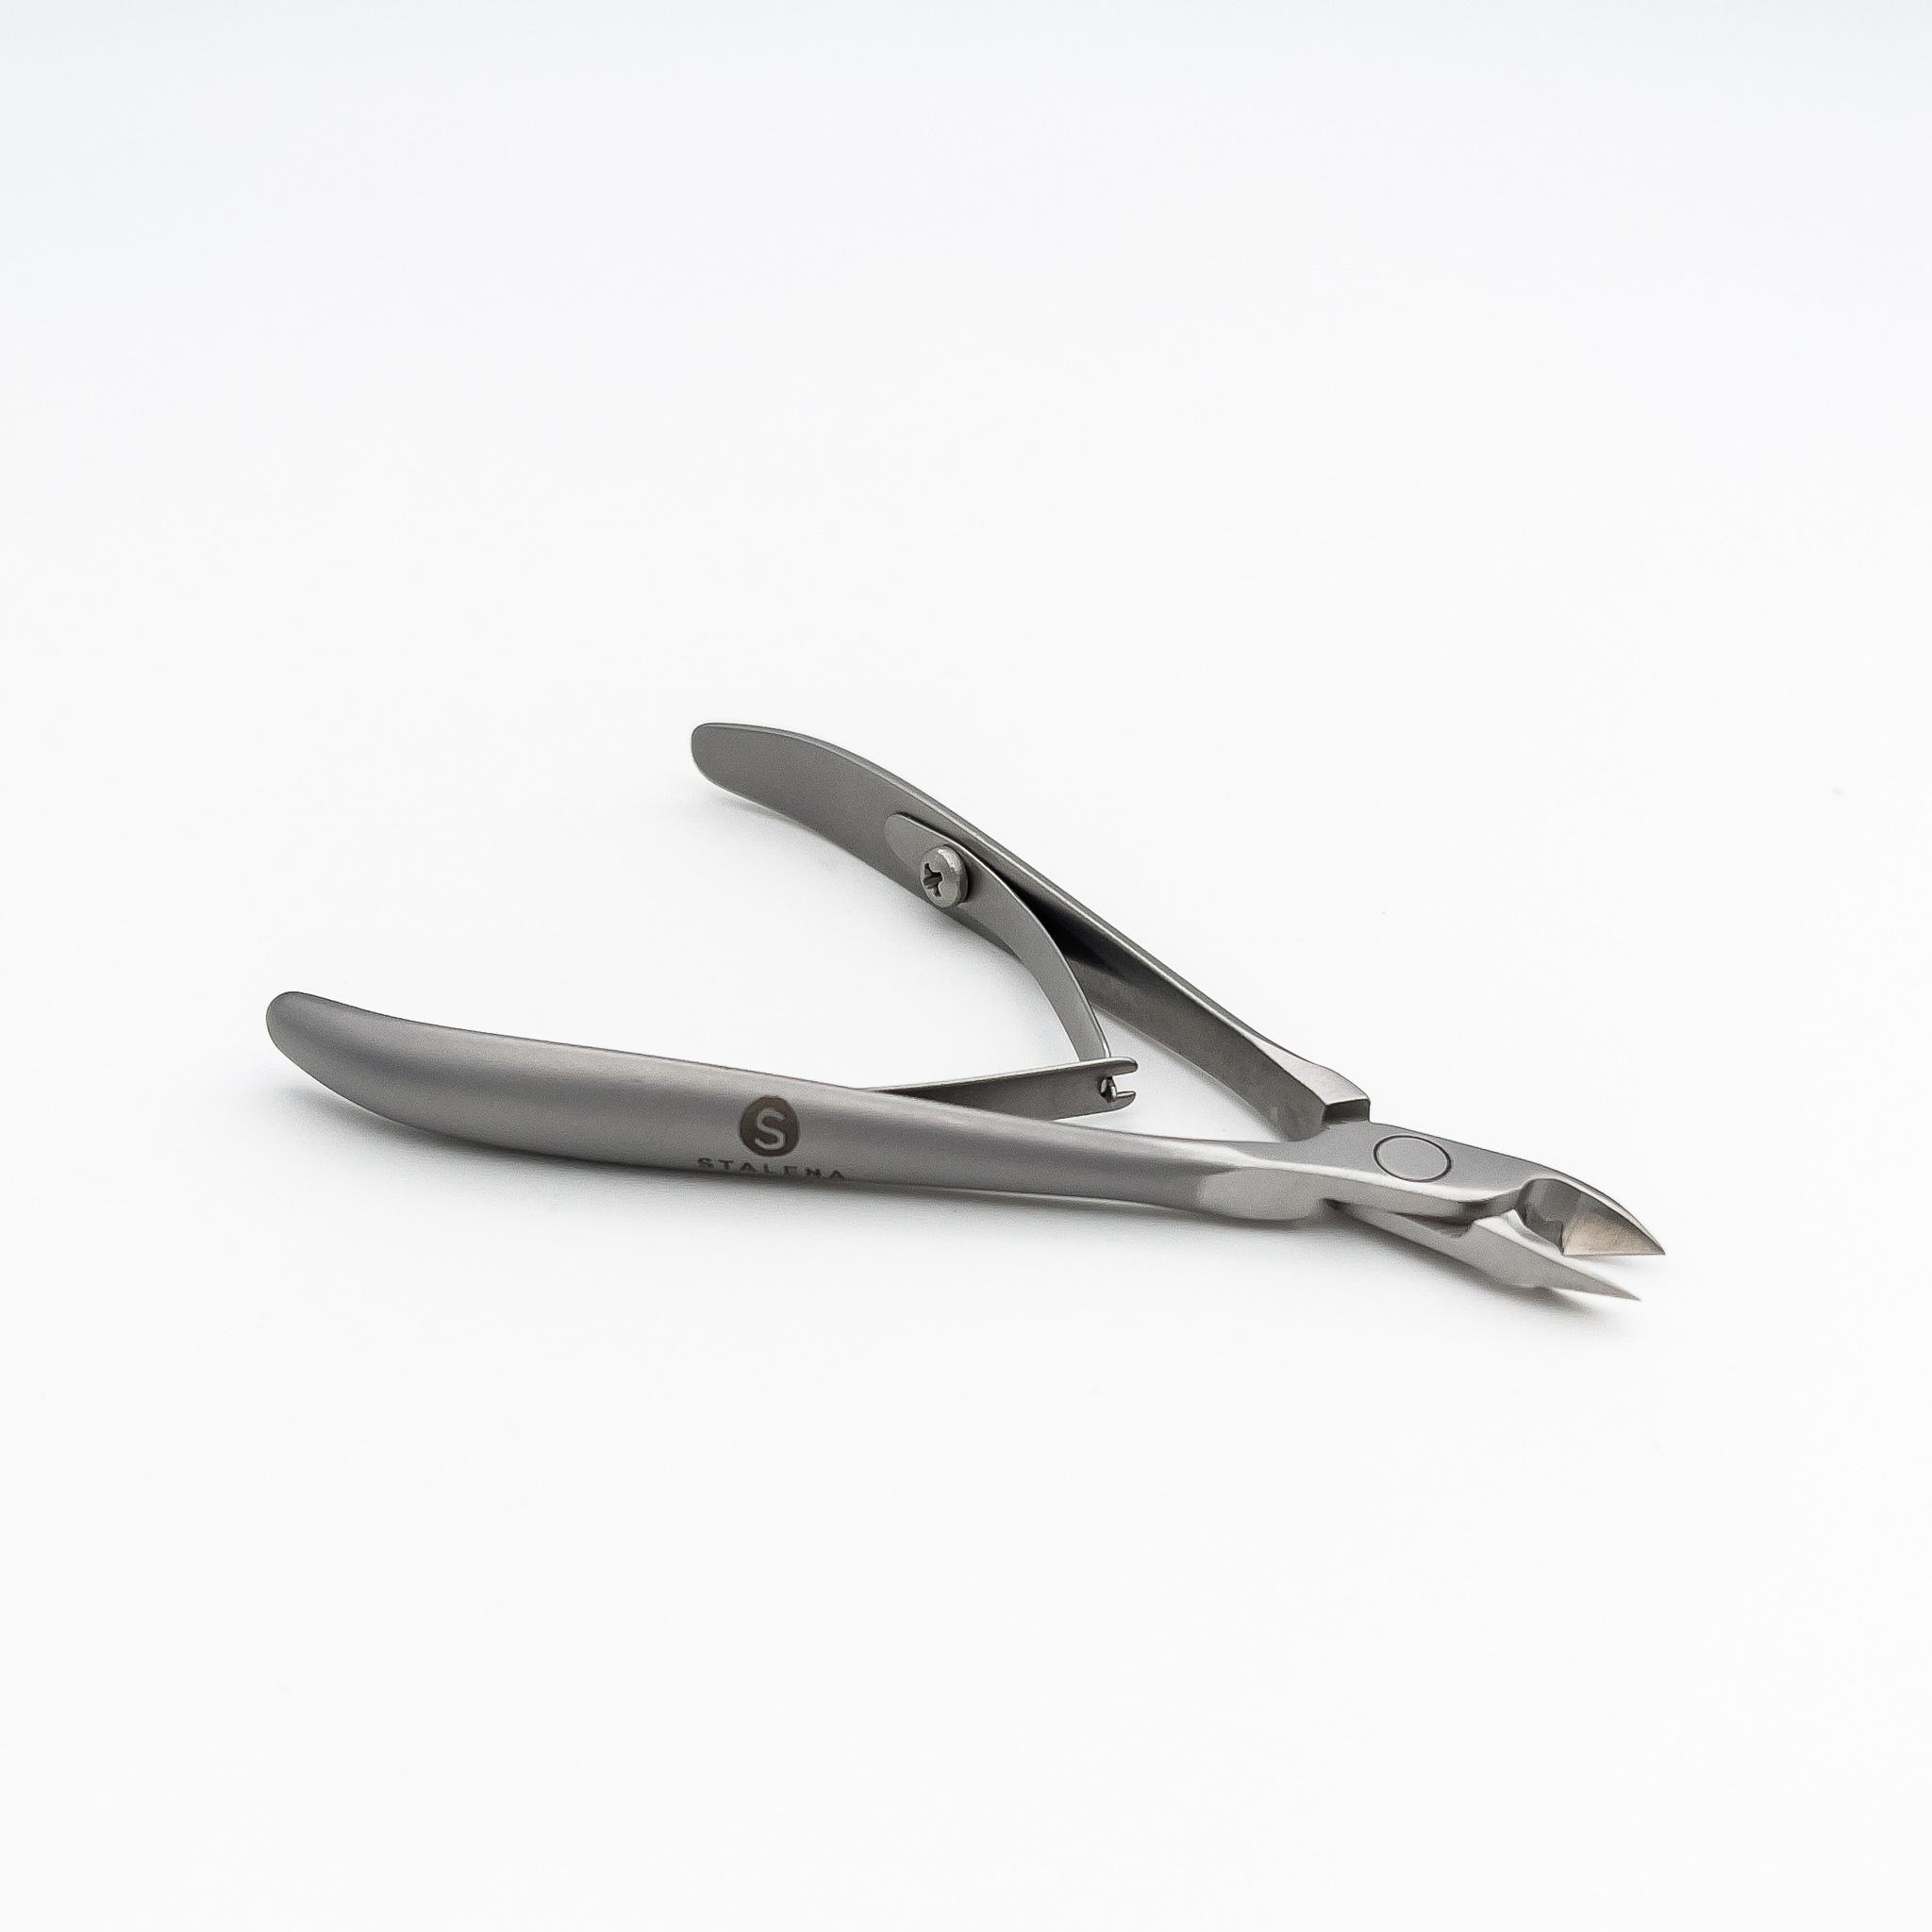 STALENA Vellentang 7 mm - korte handgreep N3-10-07 (KM-007) NIEUW!